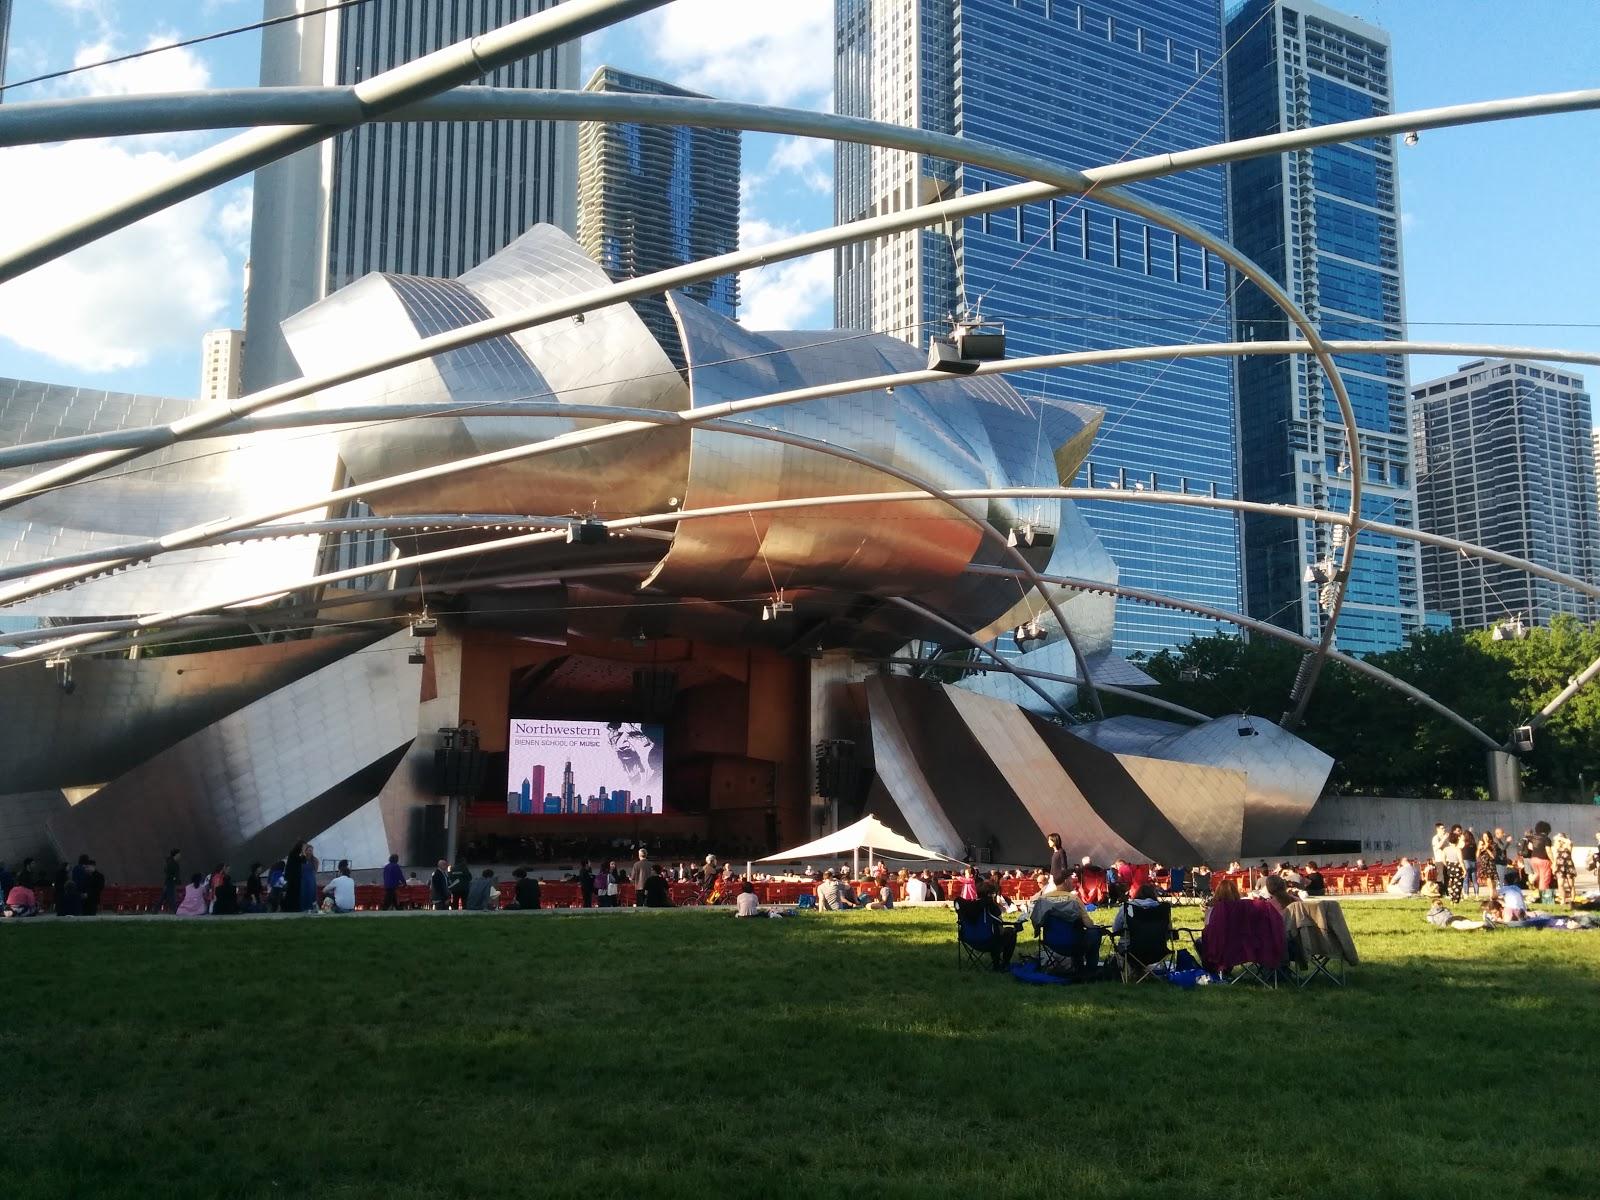 Pritzker Pavilion at Millennium Park - Frank Gehry